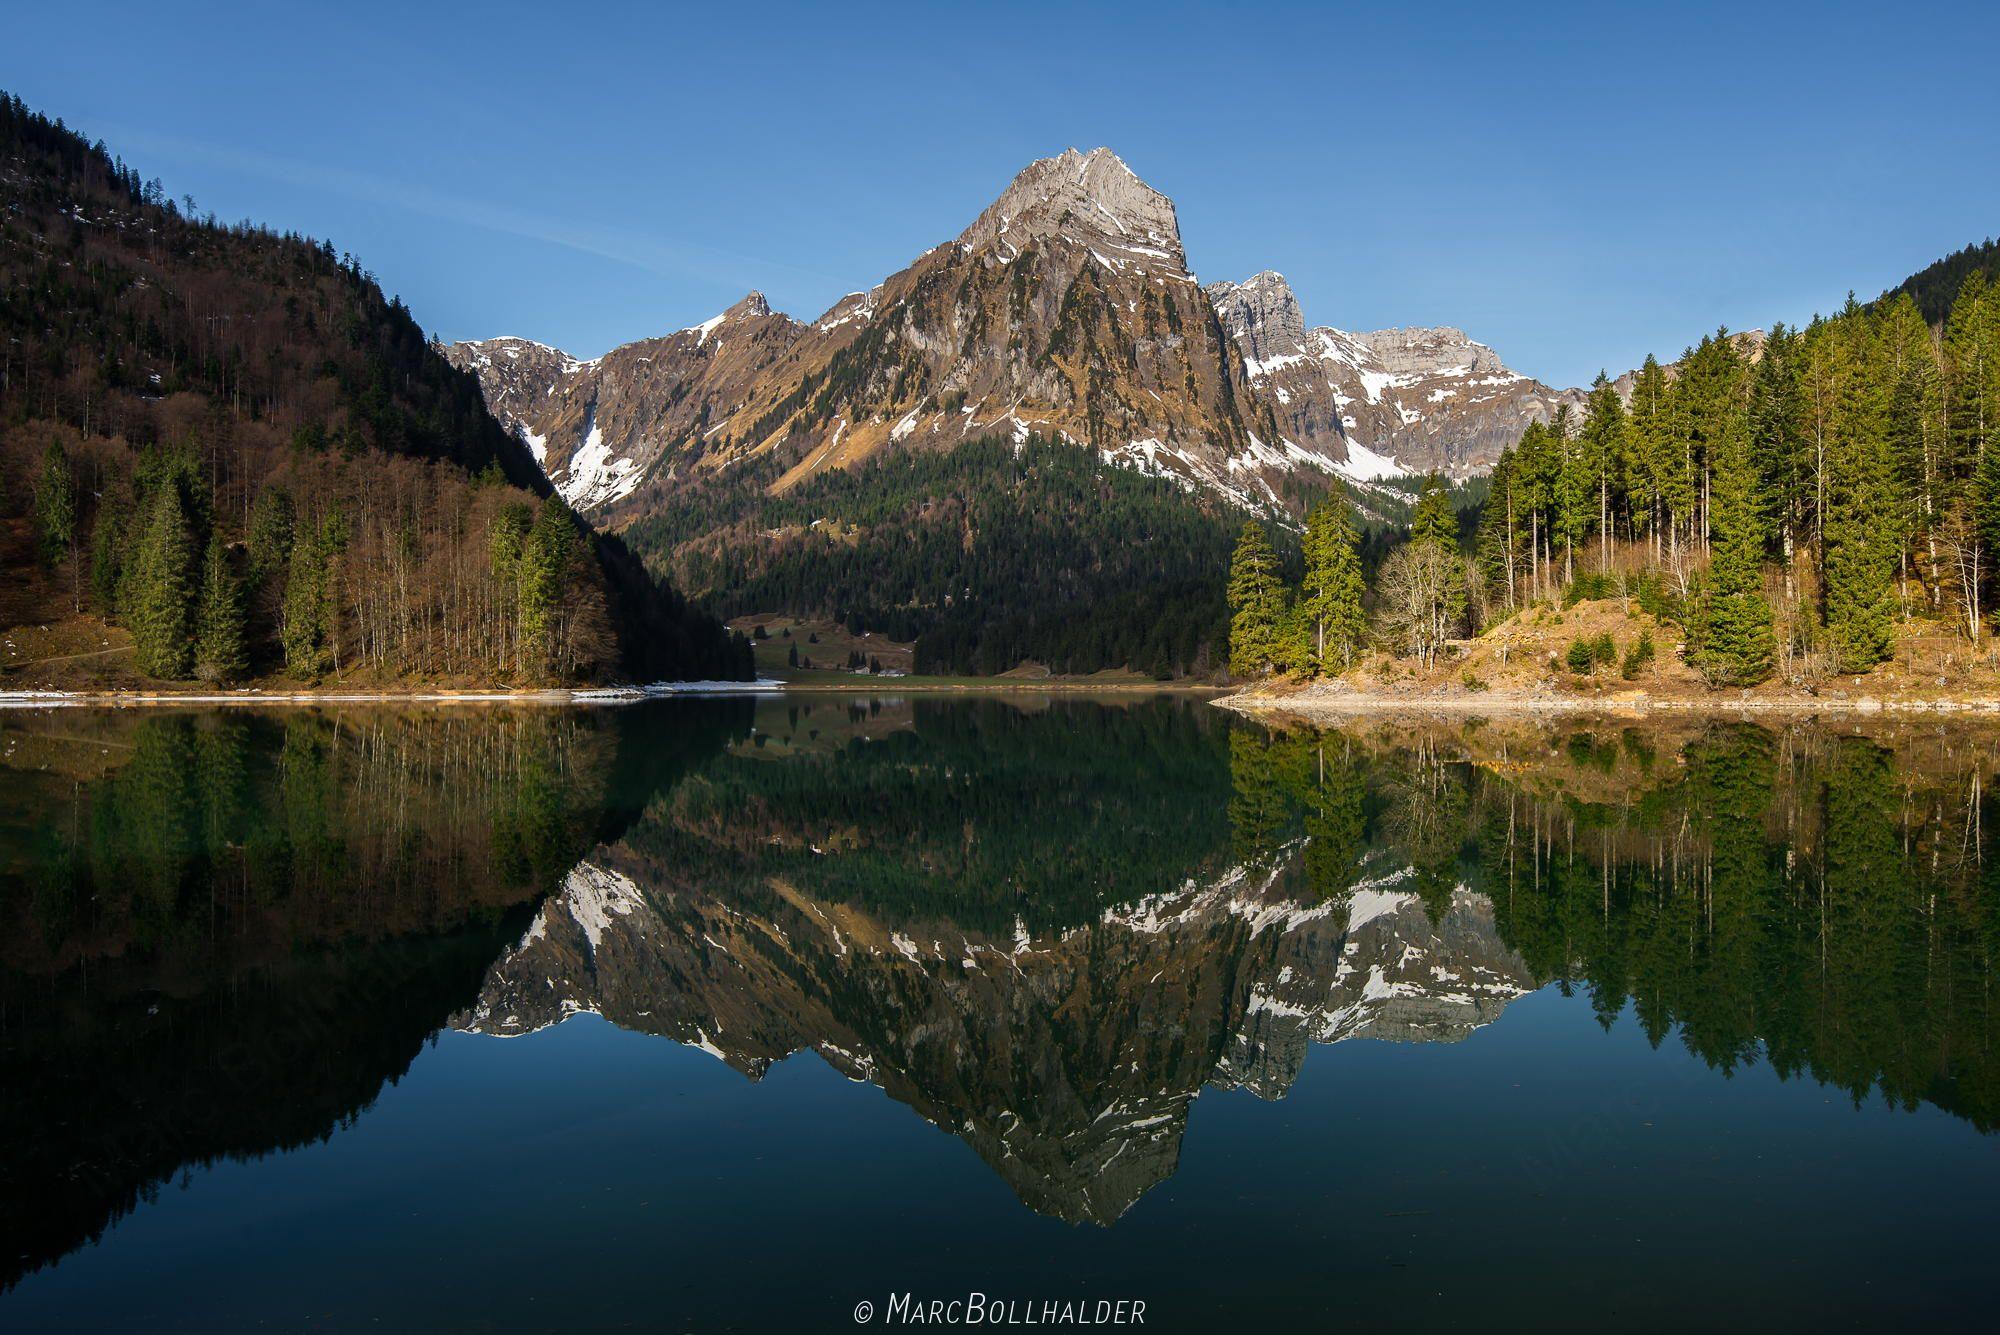 Obersee, Glarus (Switzerland) by Marc Bollhalder on 500px